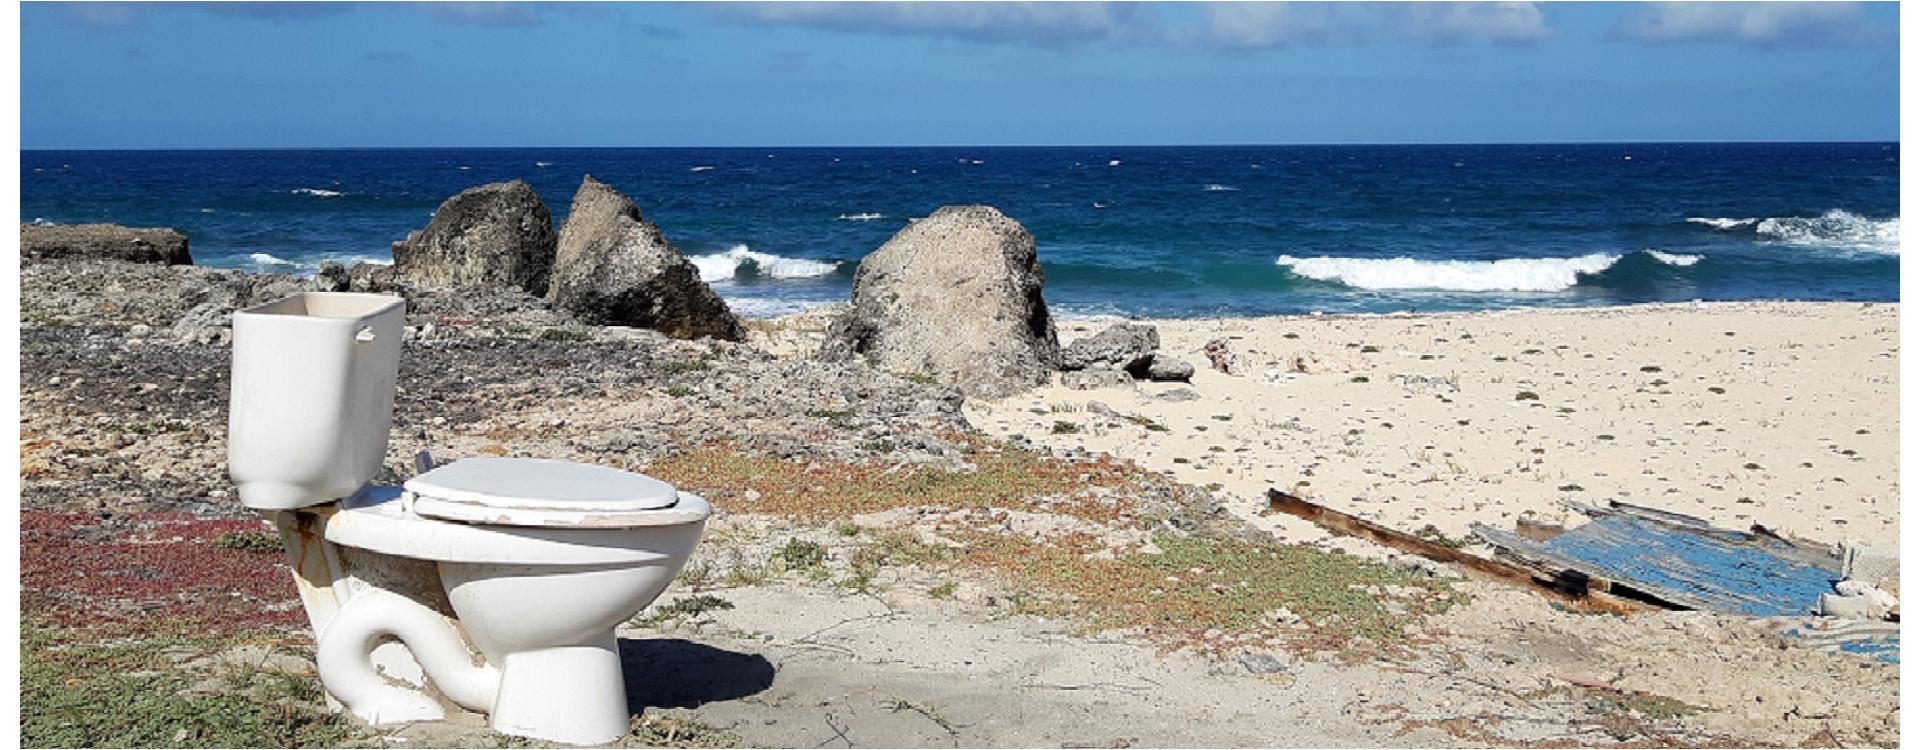 Comment trouver des toilettes lorsque l'on a une vessie hyperactive?